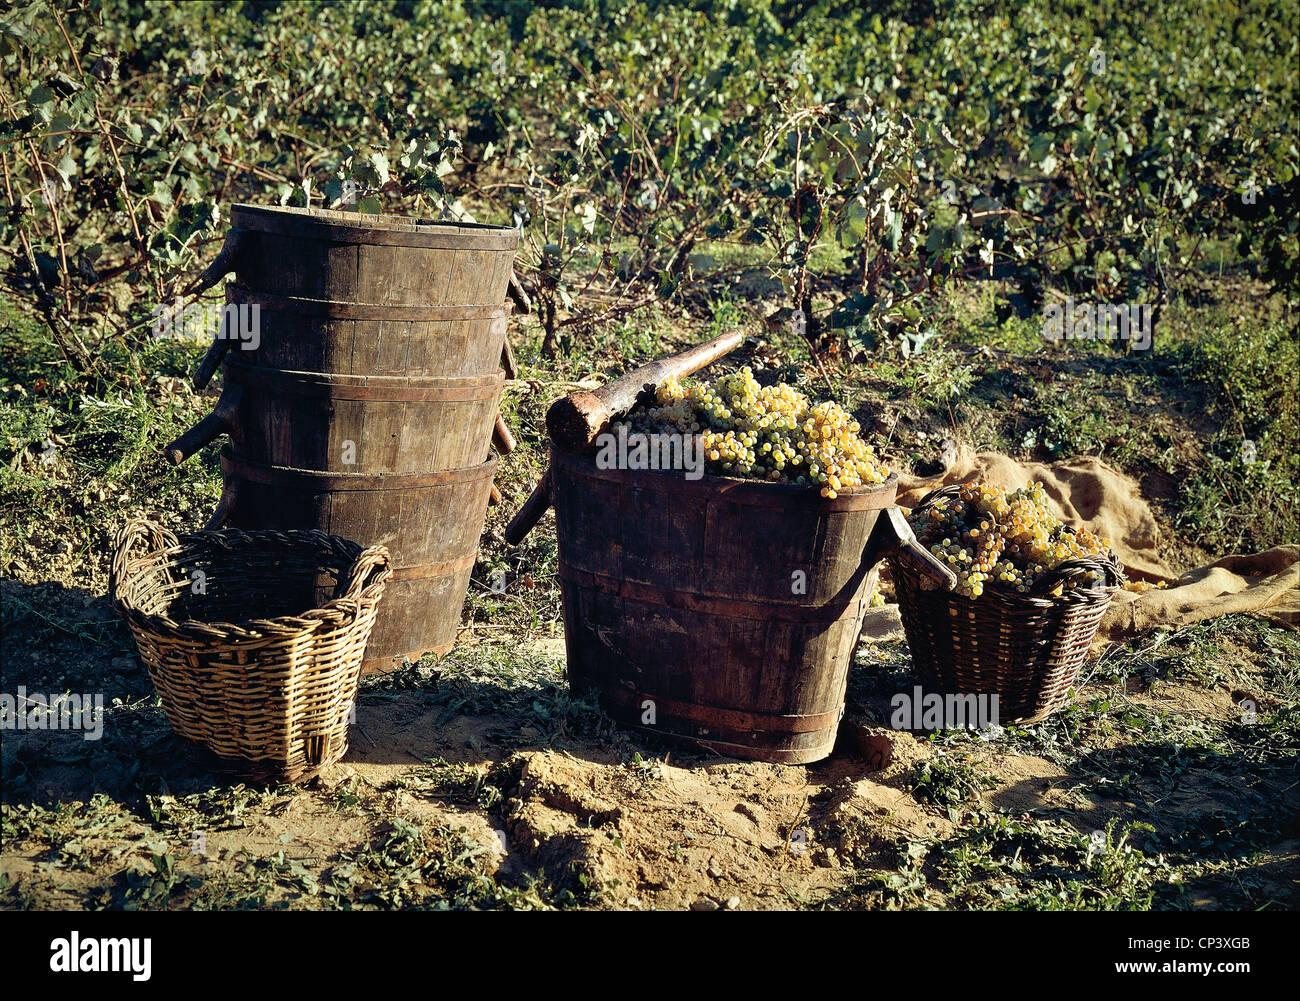 Spagna - Catalogna - Artes. Vedemmia: cesti con uva Immagini Stock